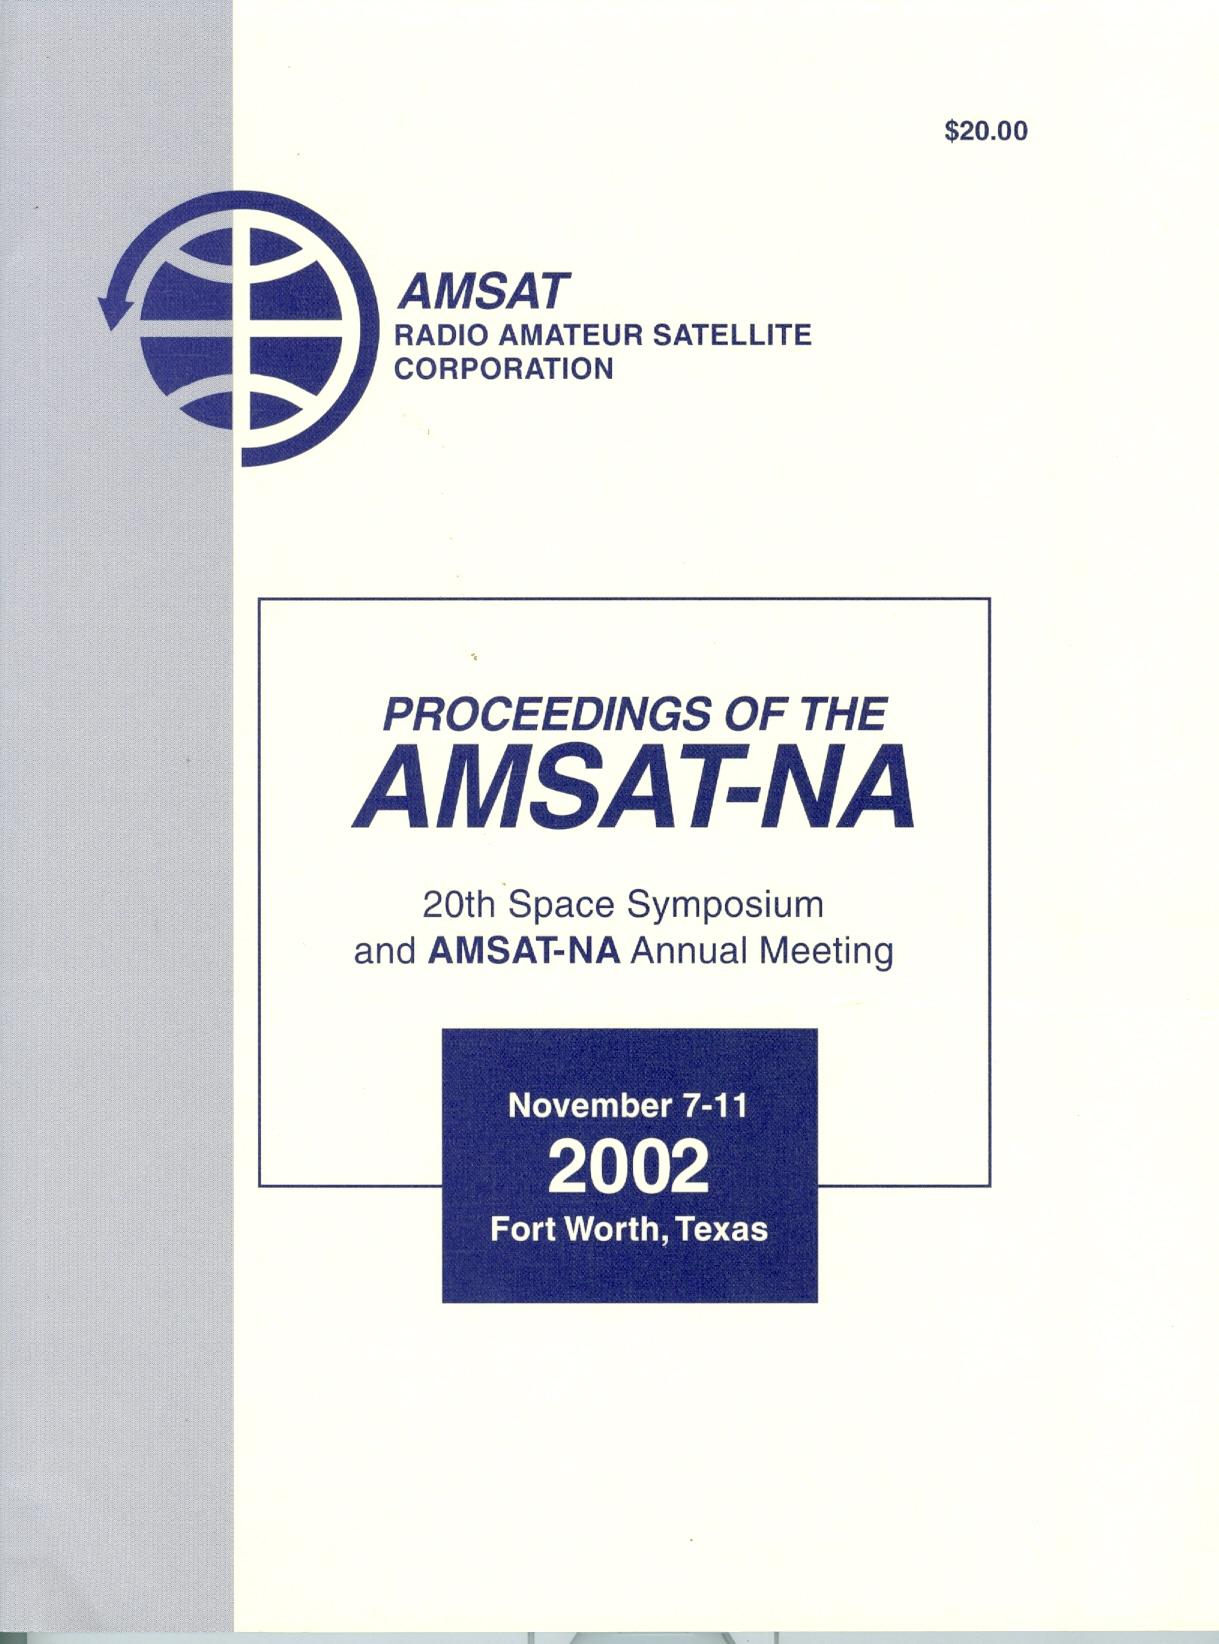 Amsat 20th Space Symposium 2002